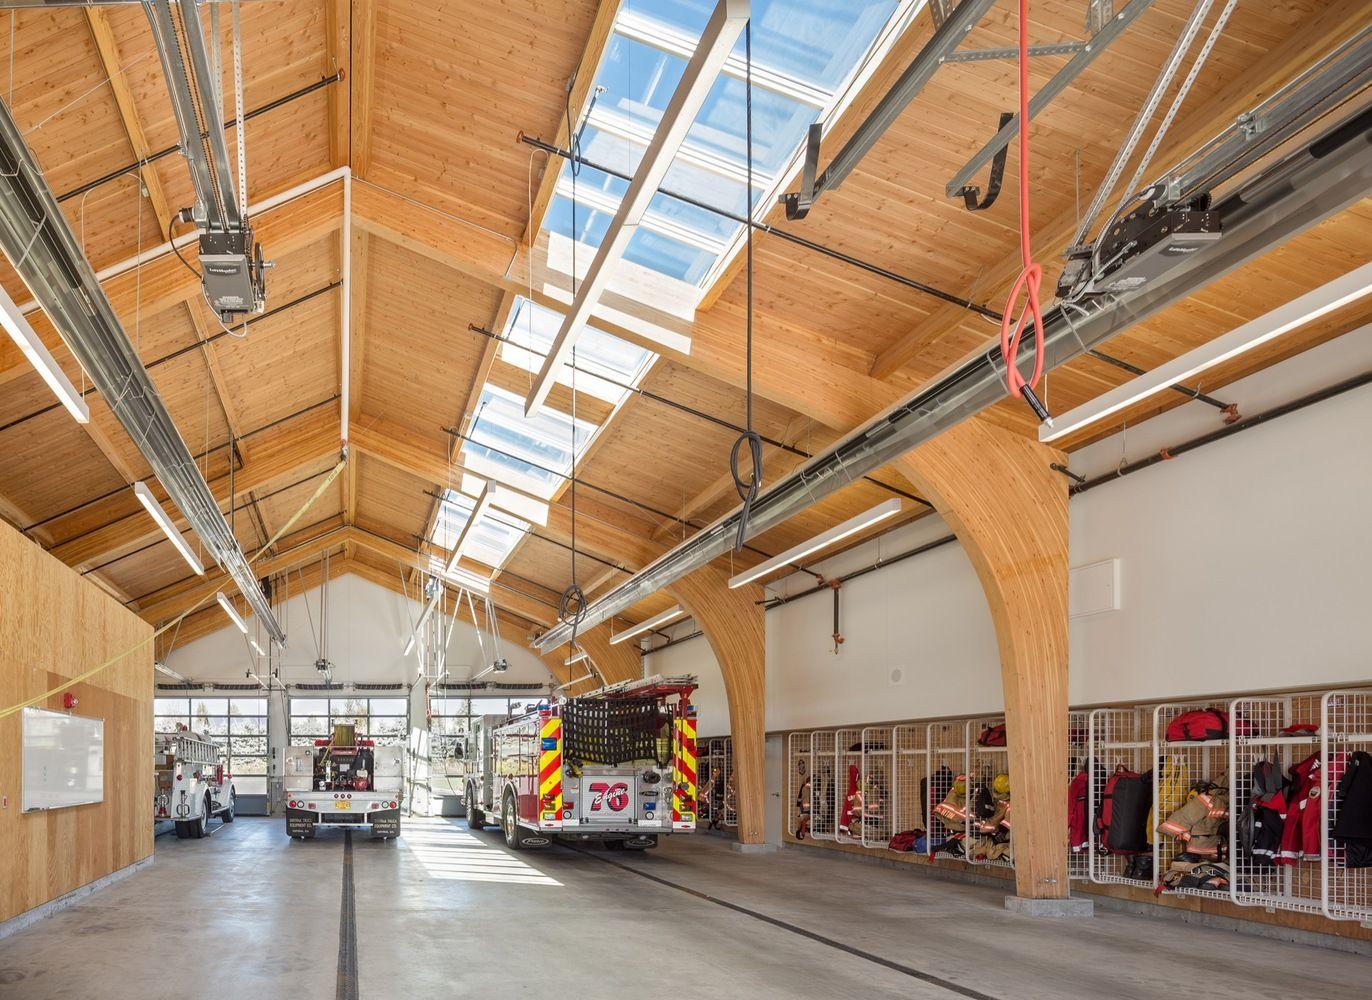 Galeria de Estação de Bombeiros 76 / Hennebery Eddy Architects - 1